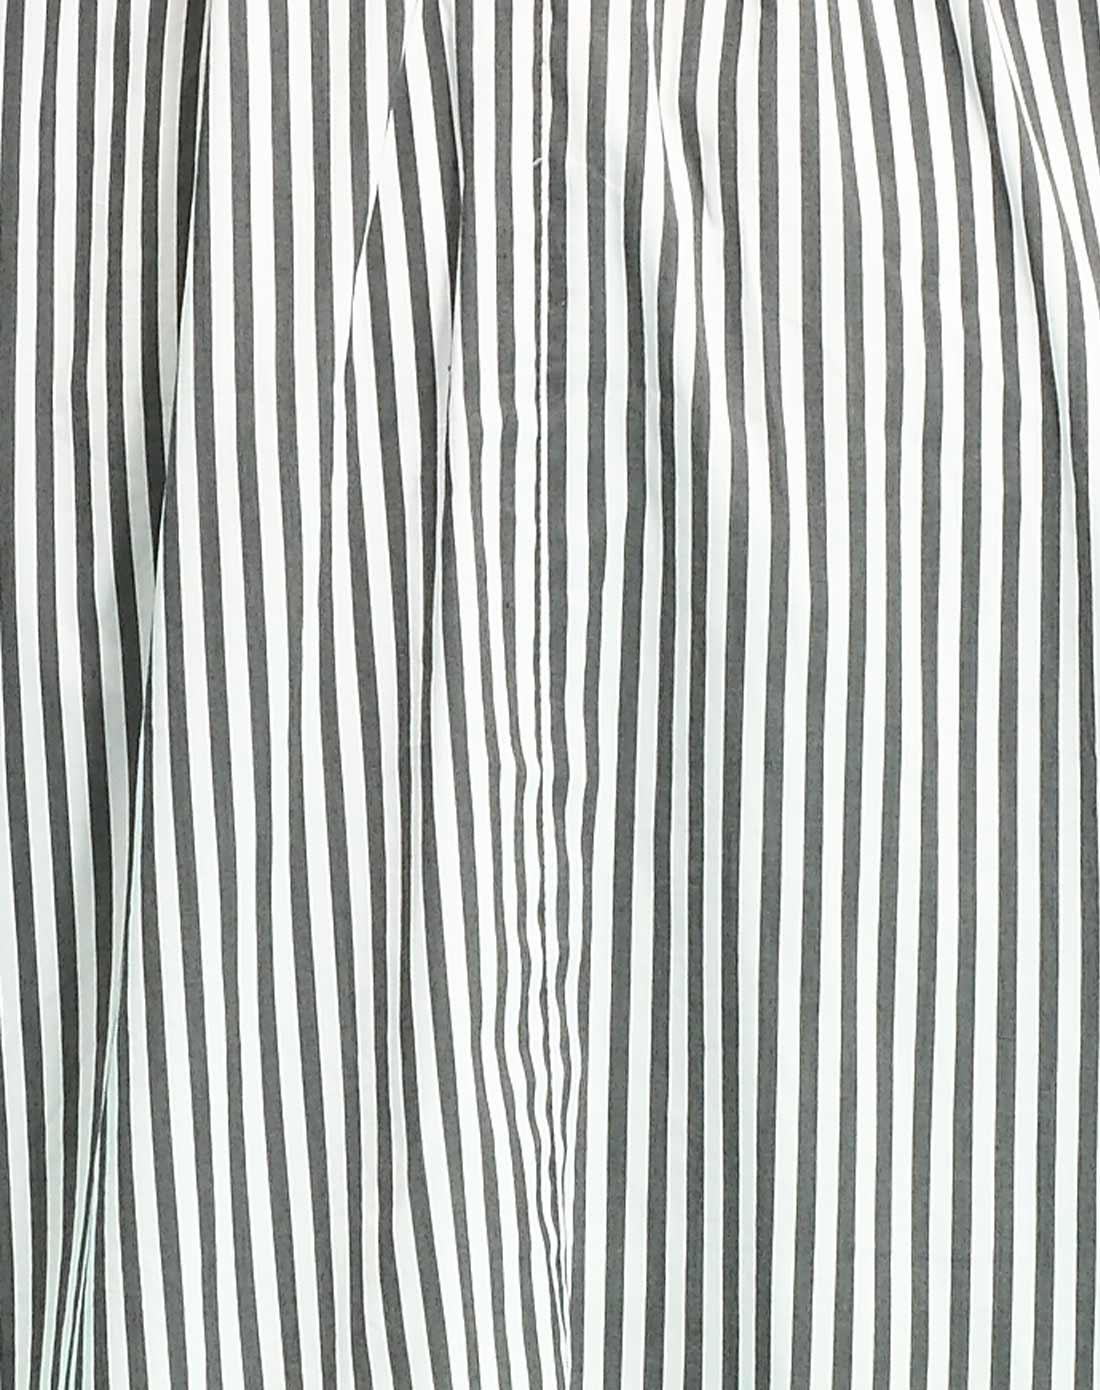 黑白色竖条纹短袖连衣裙